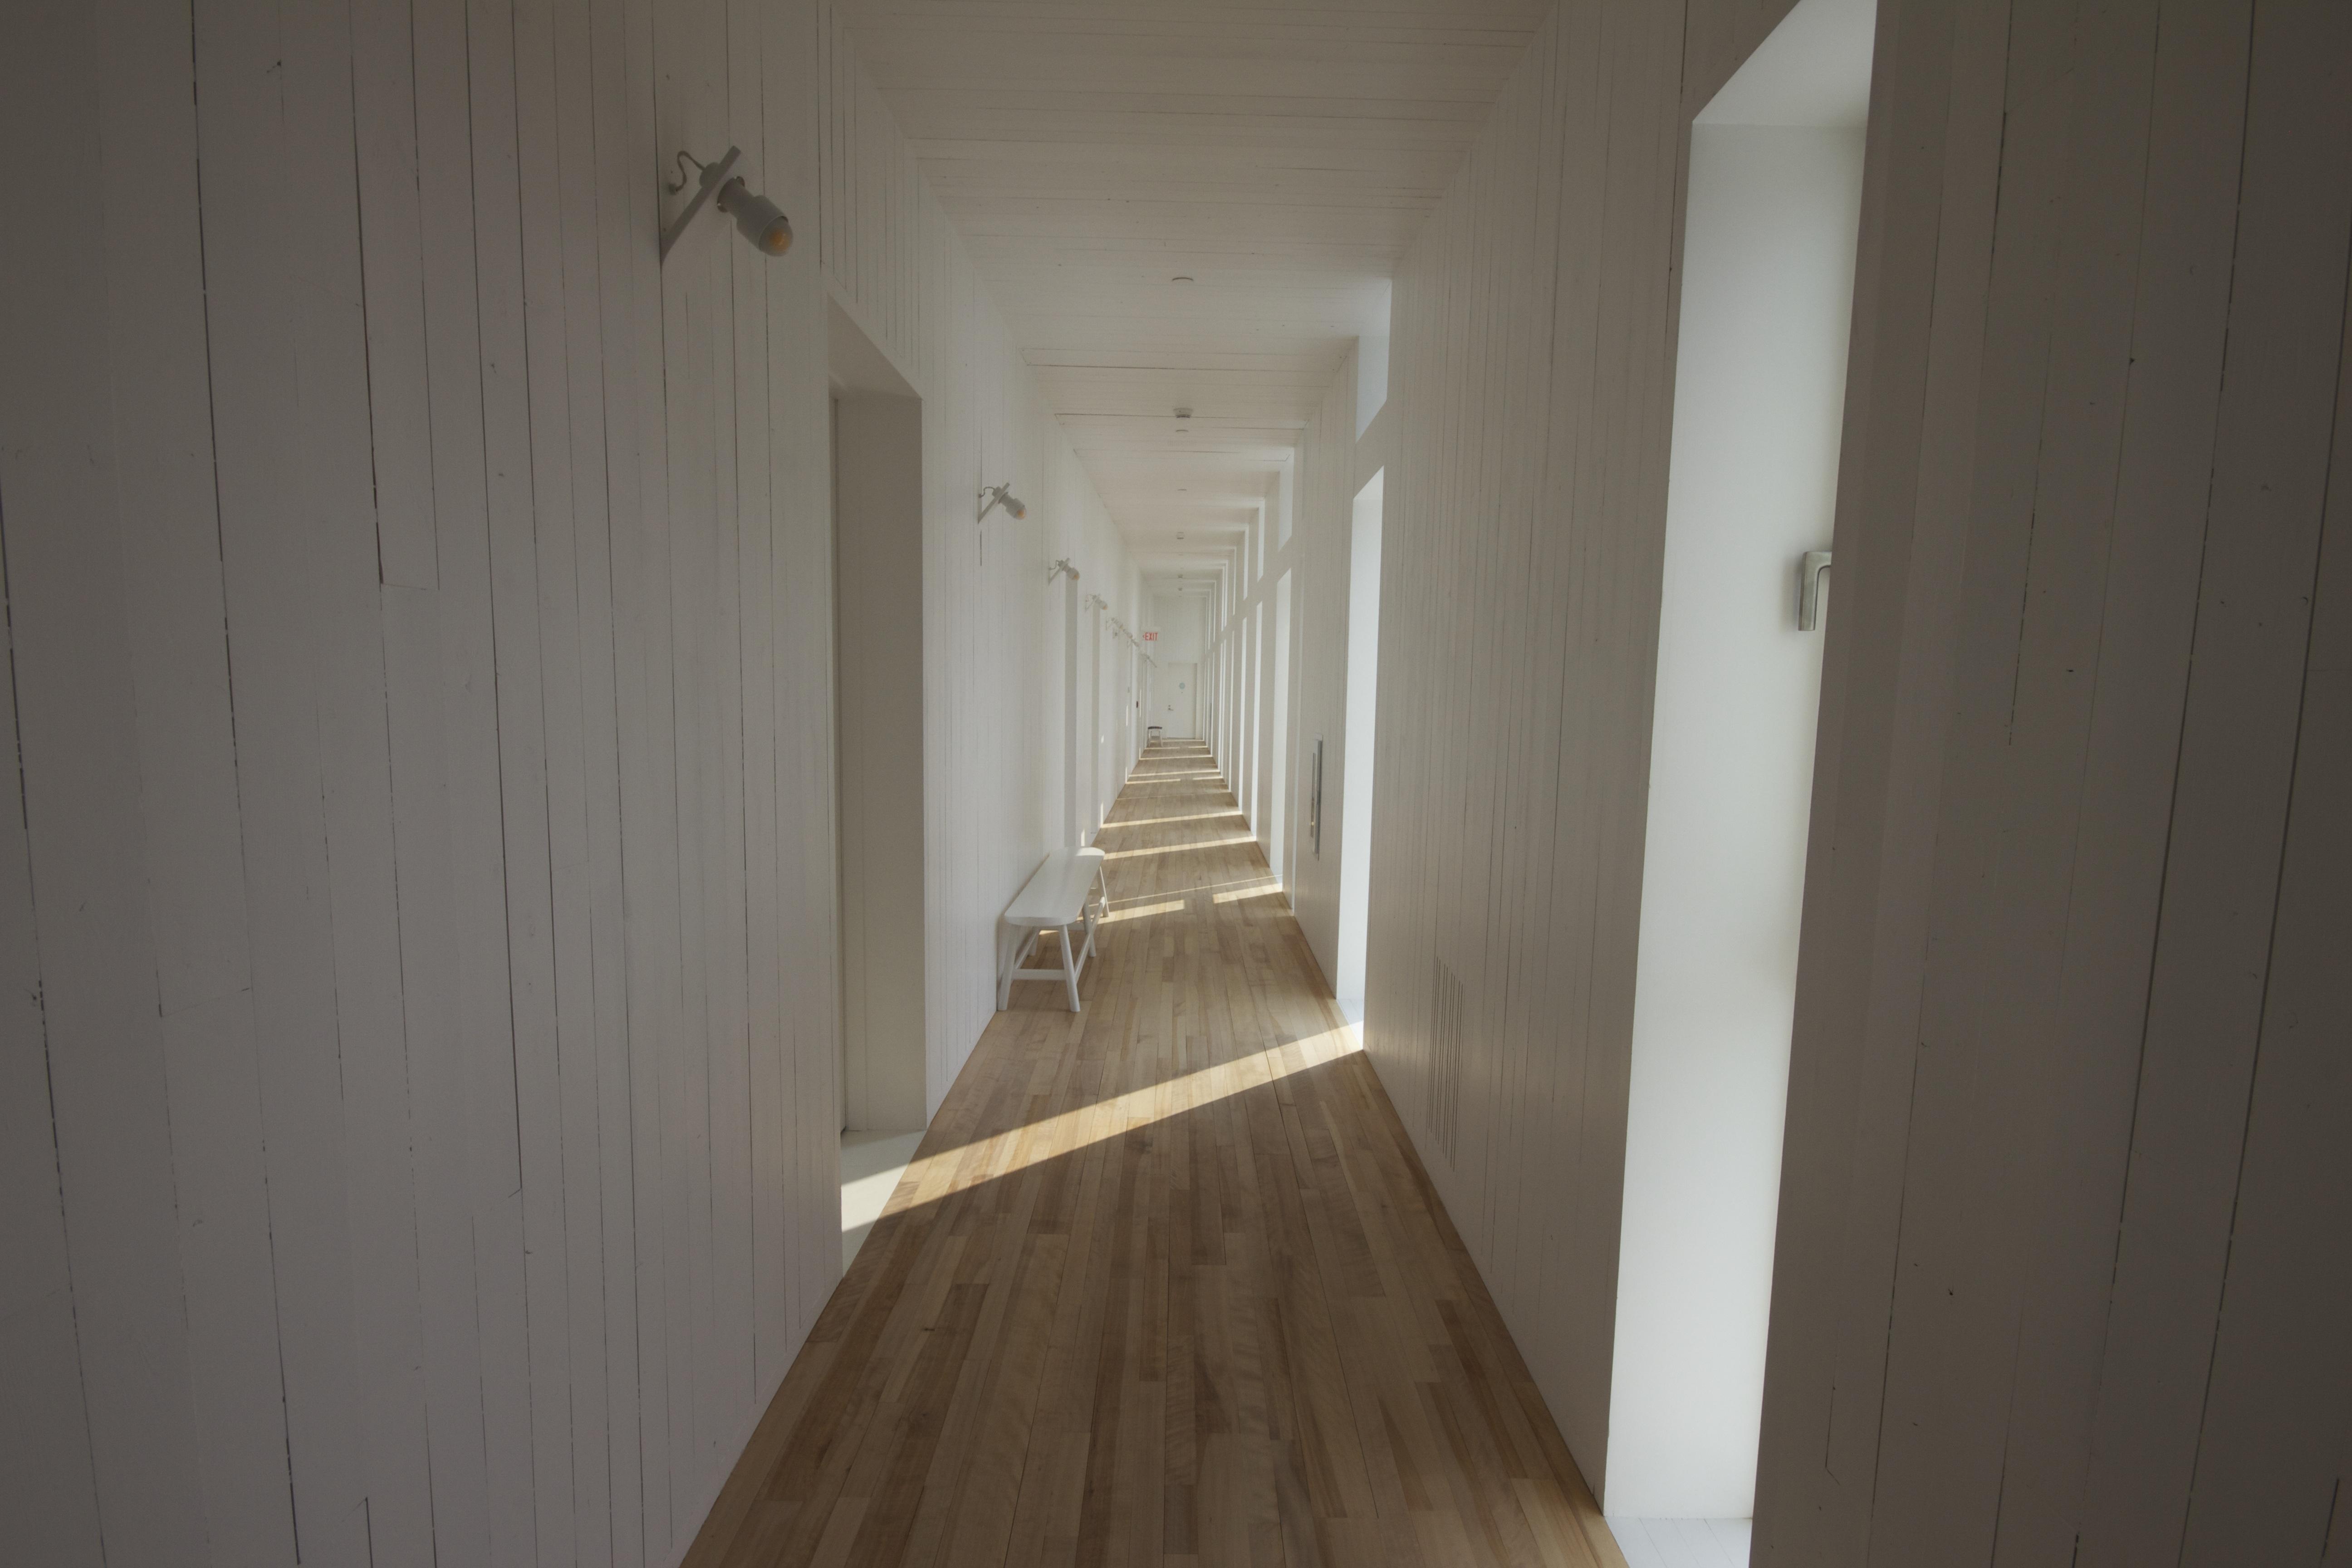 Images Gratuites : architecture, bois, blanc, banc, maison, sol ...